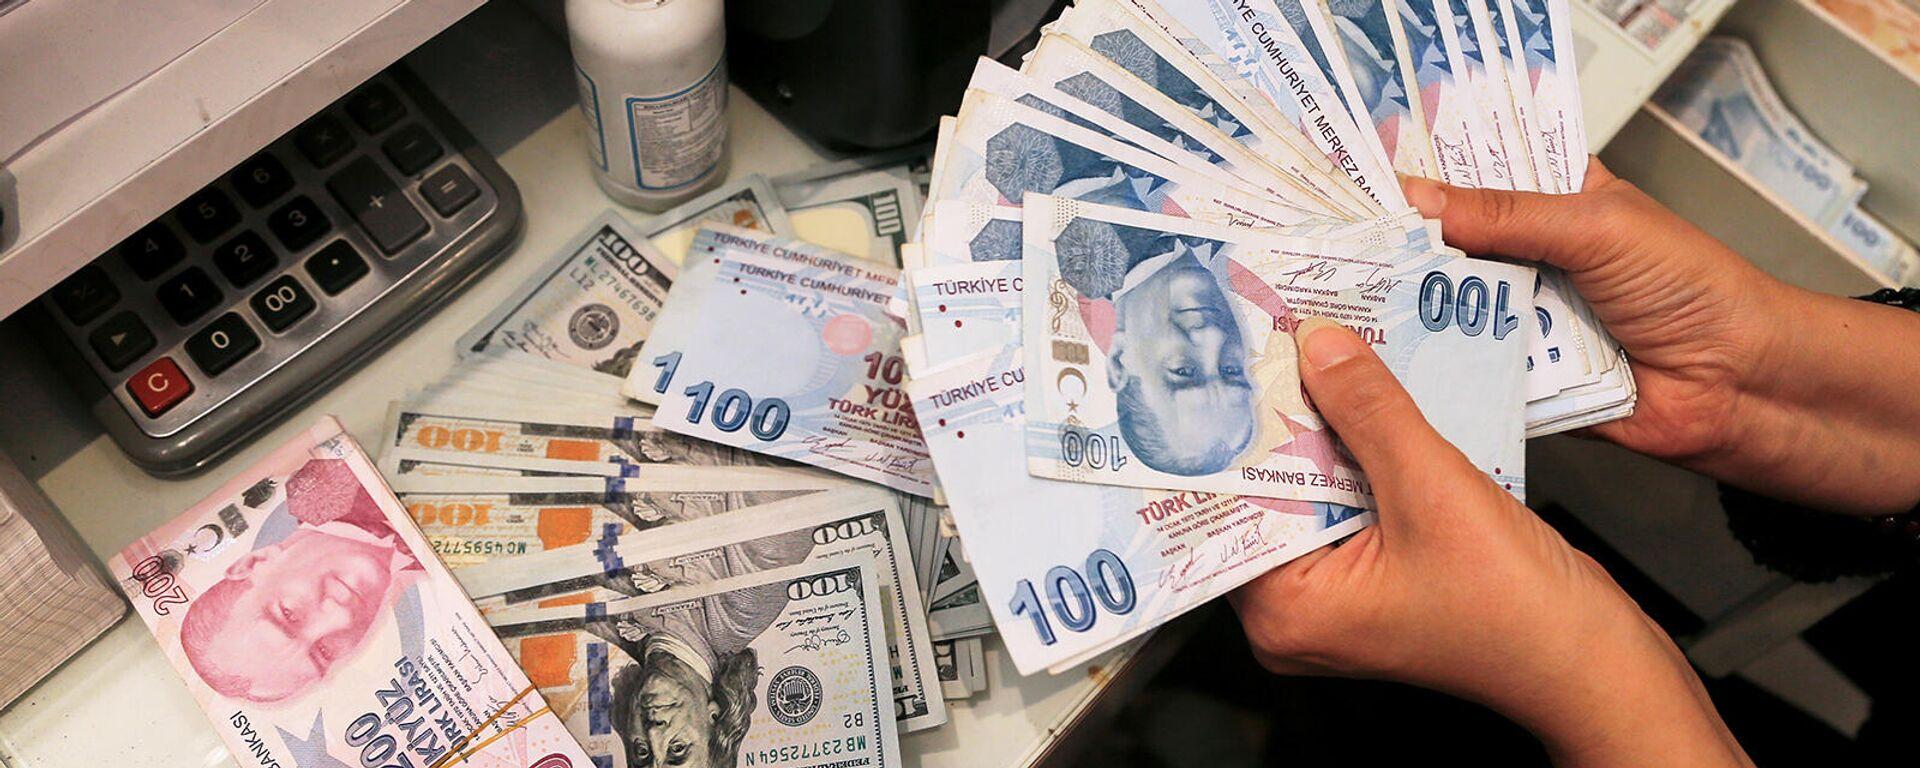 Сотрудник обменного пункта в Анкаре держит турецкие лиры. - Sputnik Армения, 1920, 11.10.2021